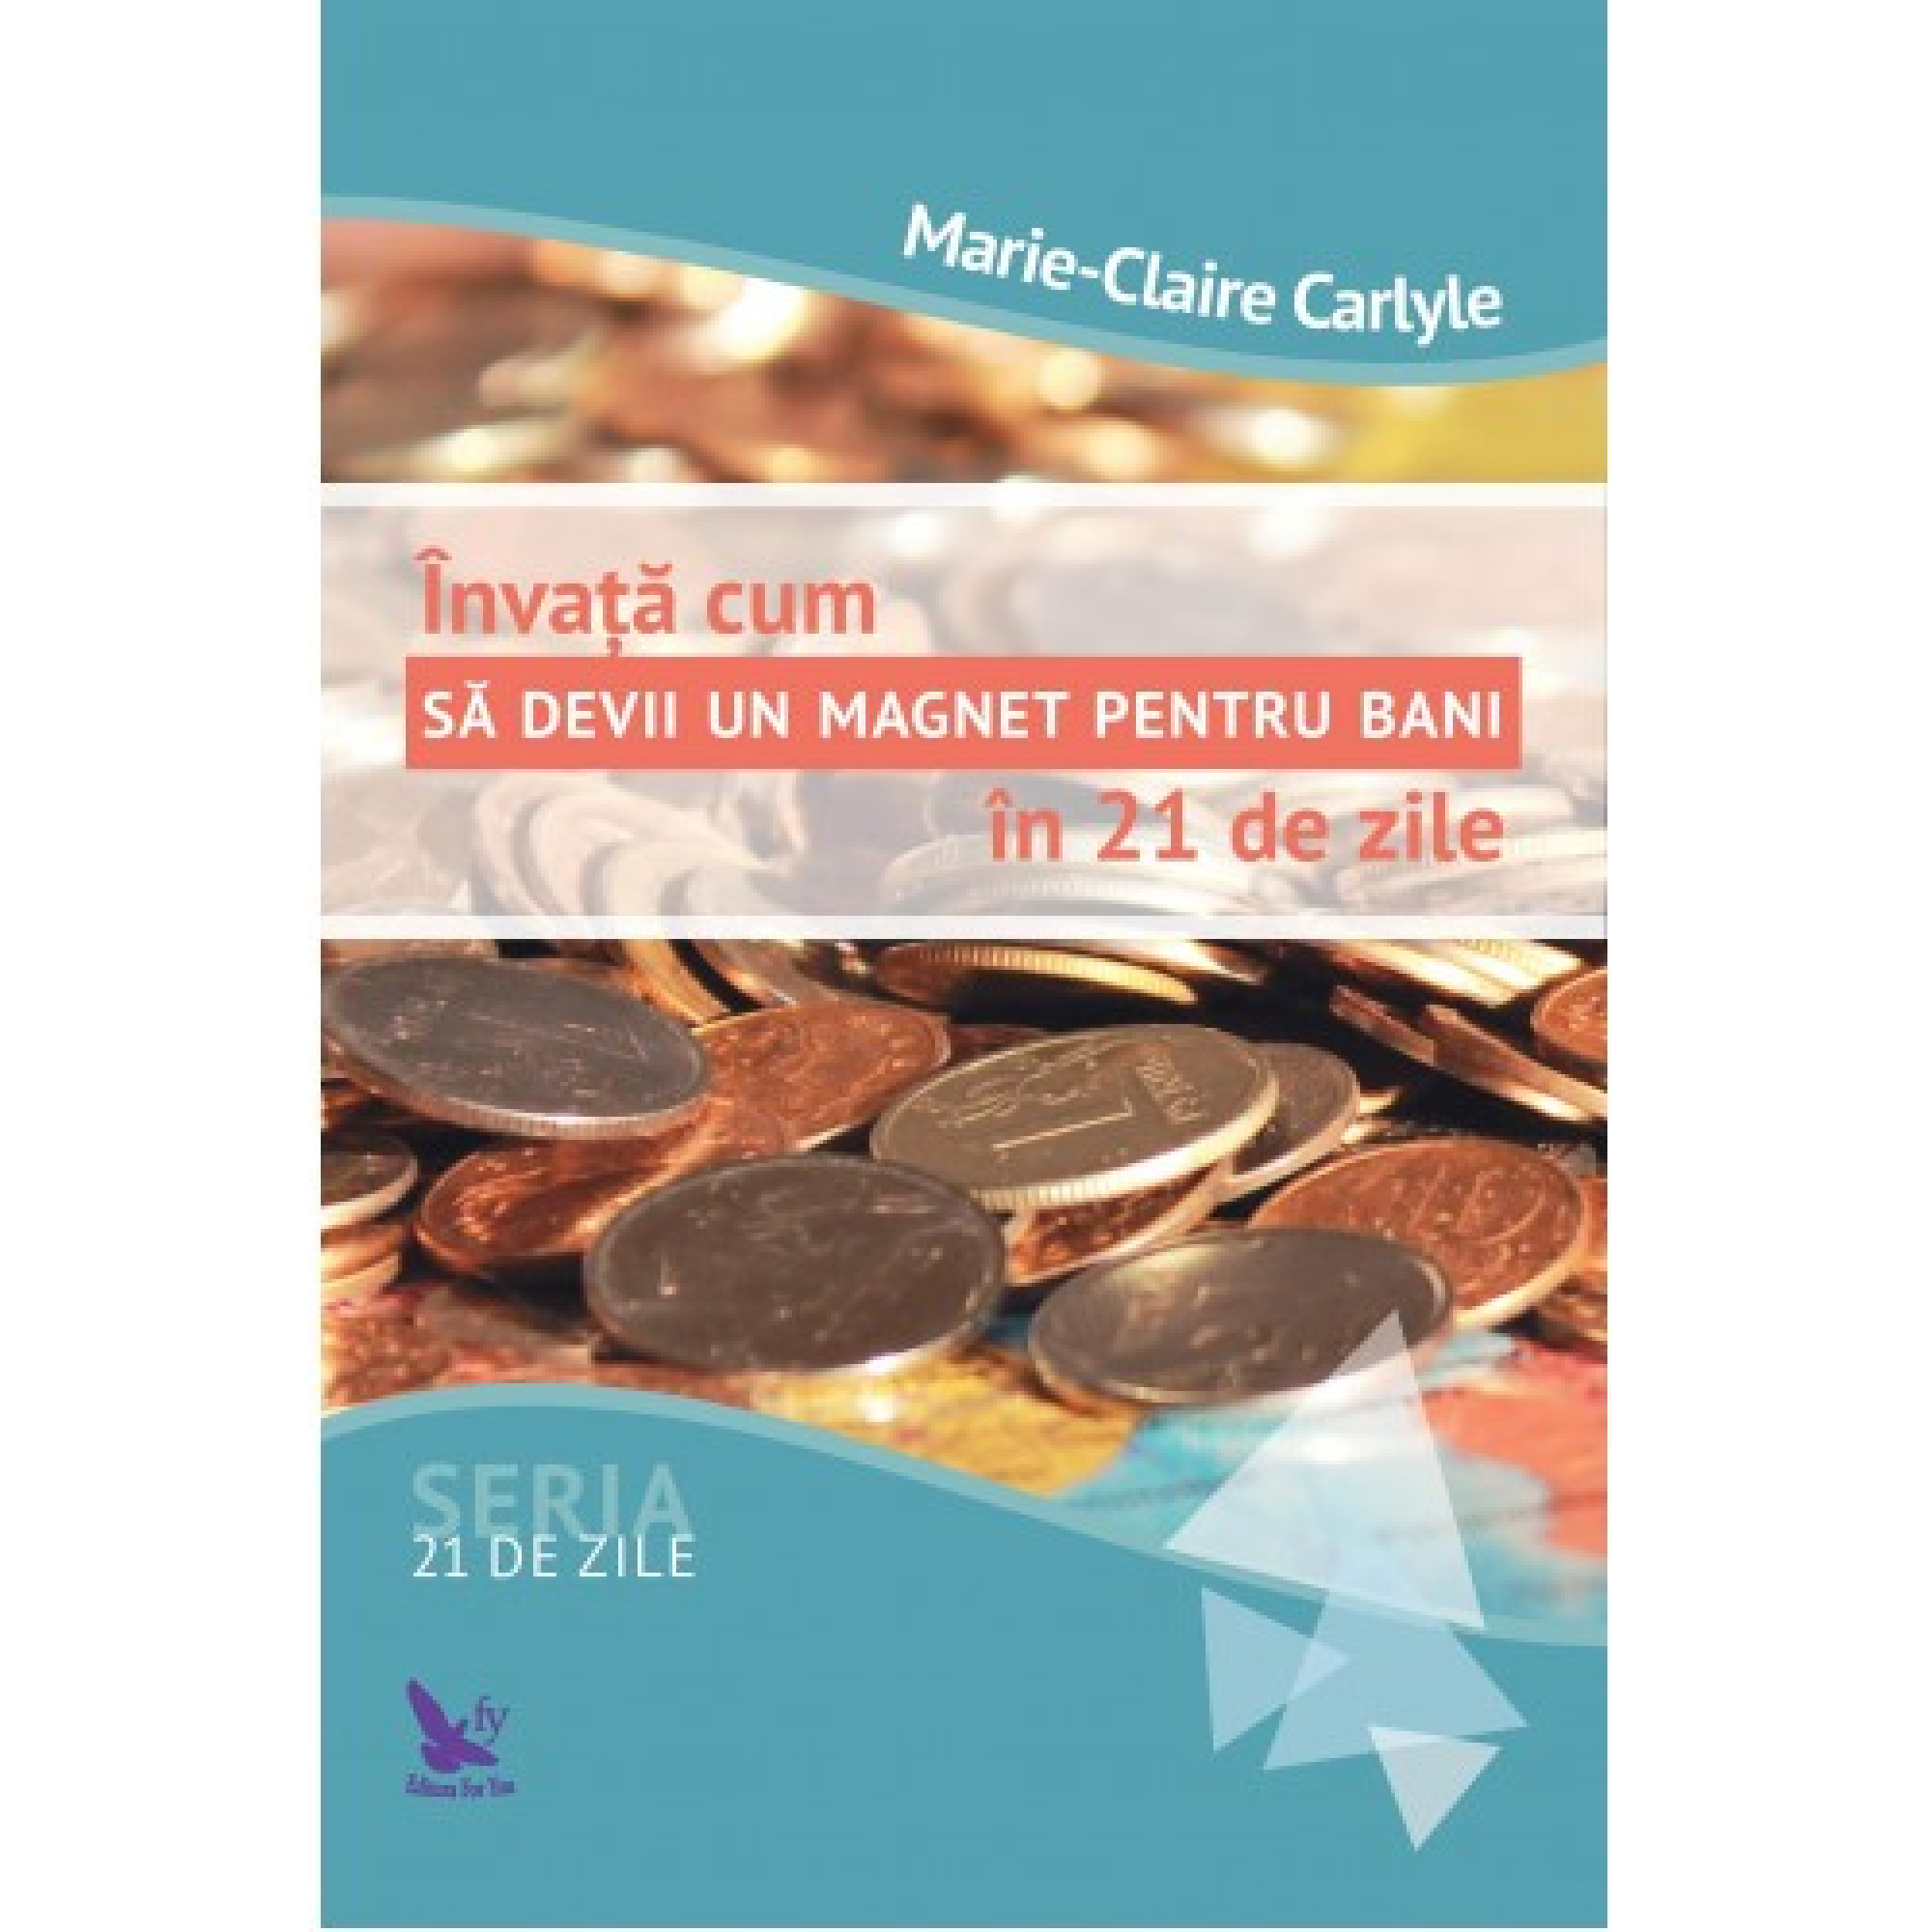 Învață cum să devii un magnet pentru bani în 21 de zile